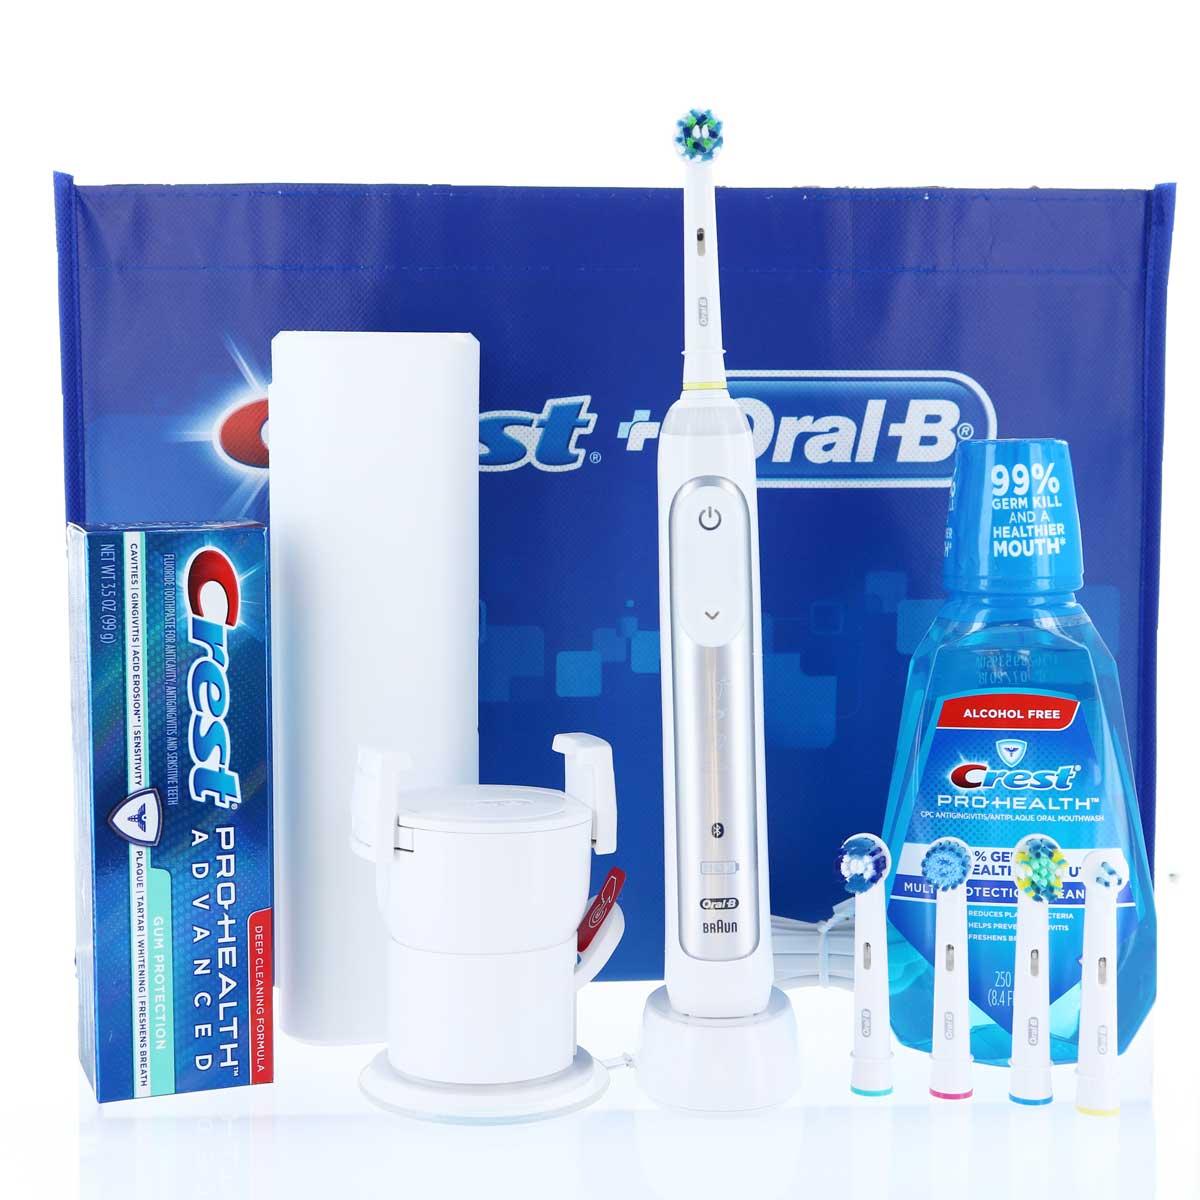 Oral-B Genius Pro 6000 Electric Bluetooth Toothbrush Kit REBATE avalable